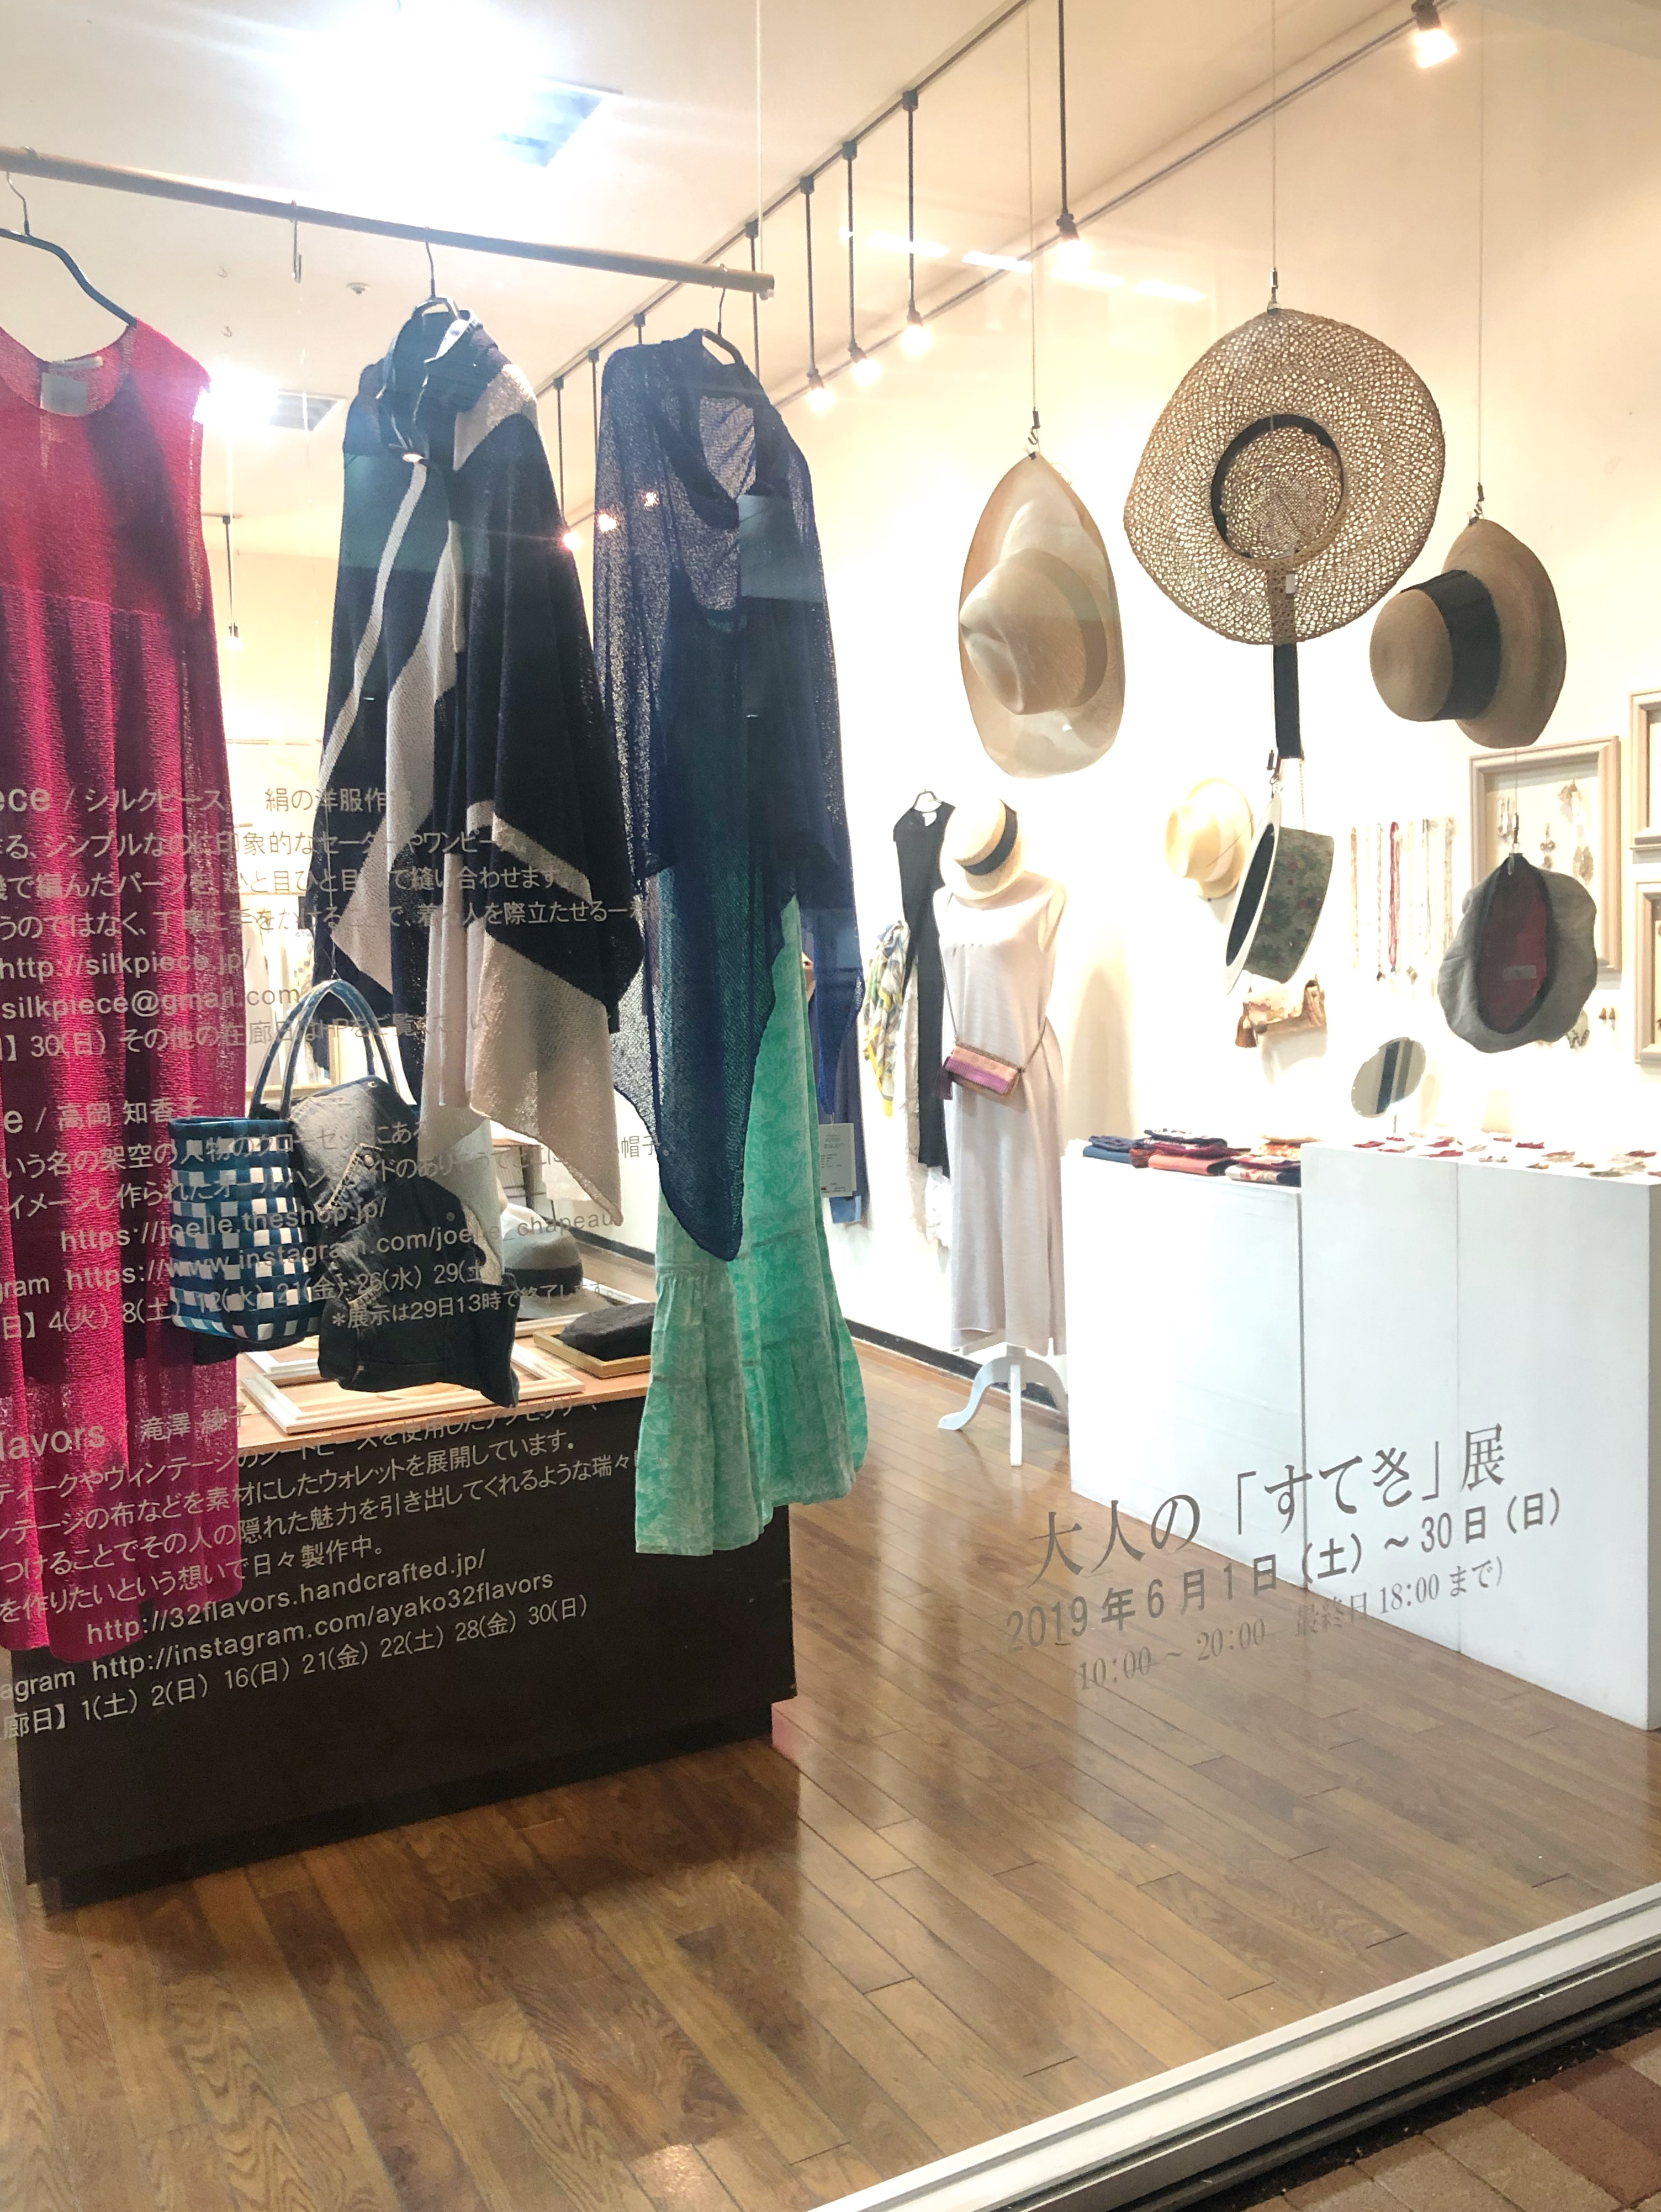 ザ ギャラリー文京 silkpiece